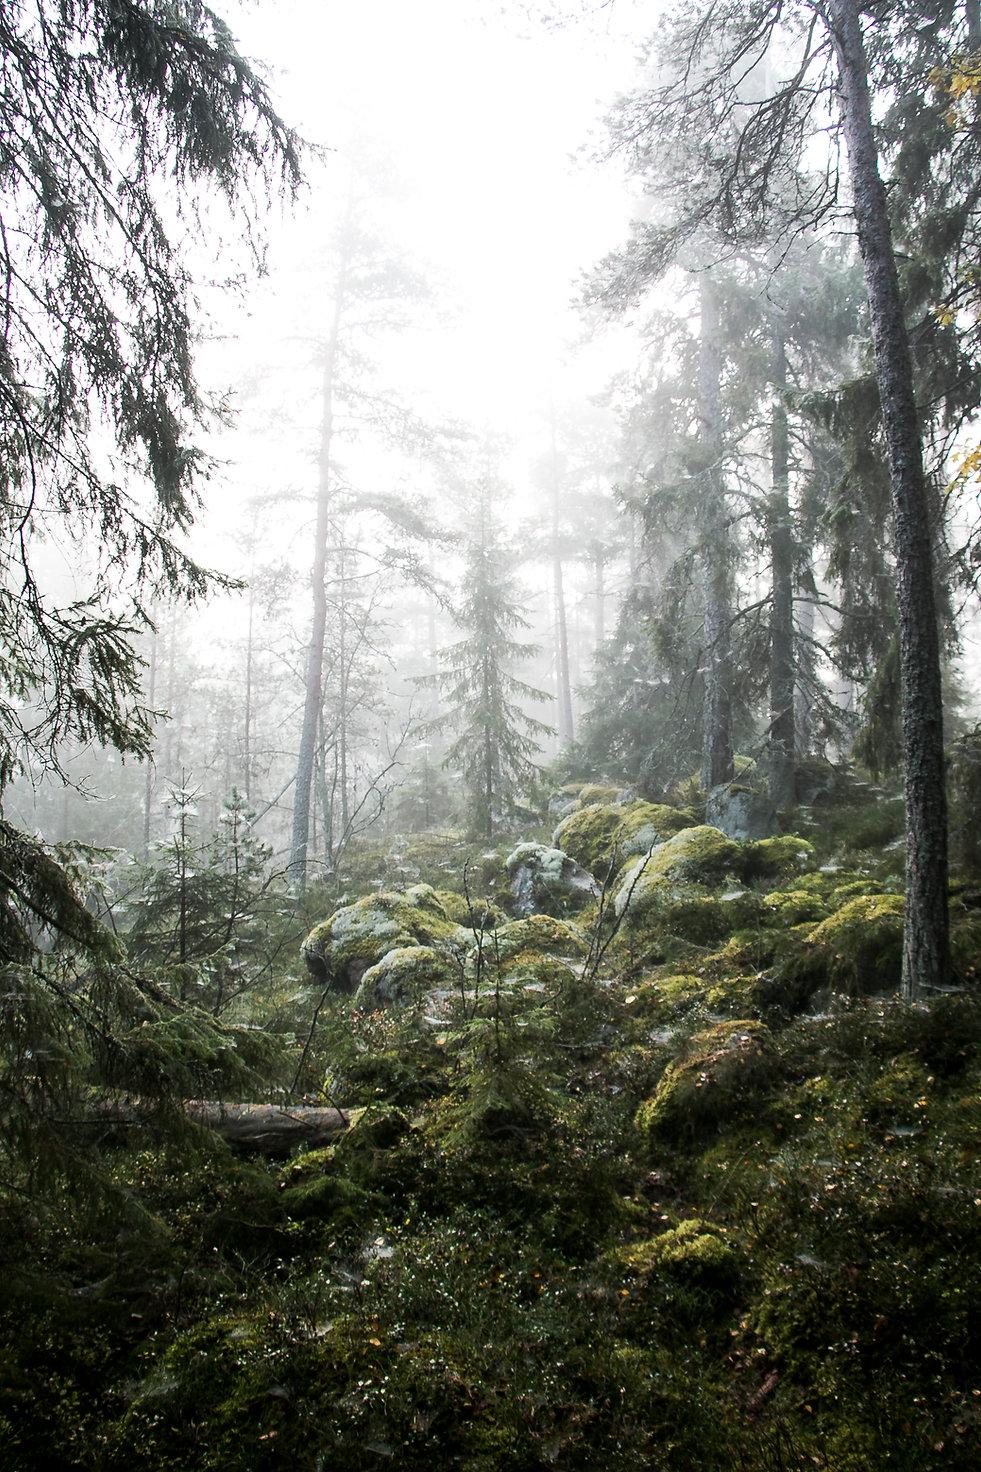 Baumen auf einem Moor in Schweden. Foto von Västernorrland, Nordschweden.